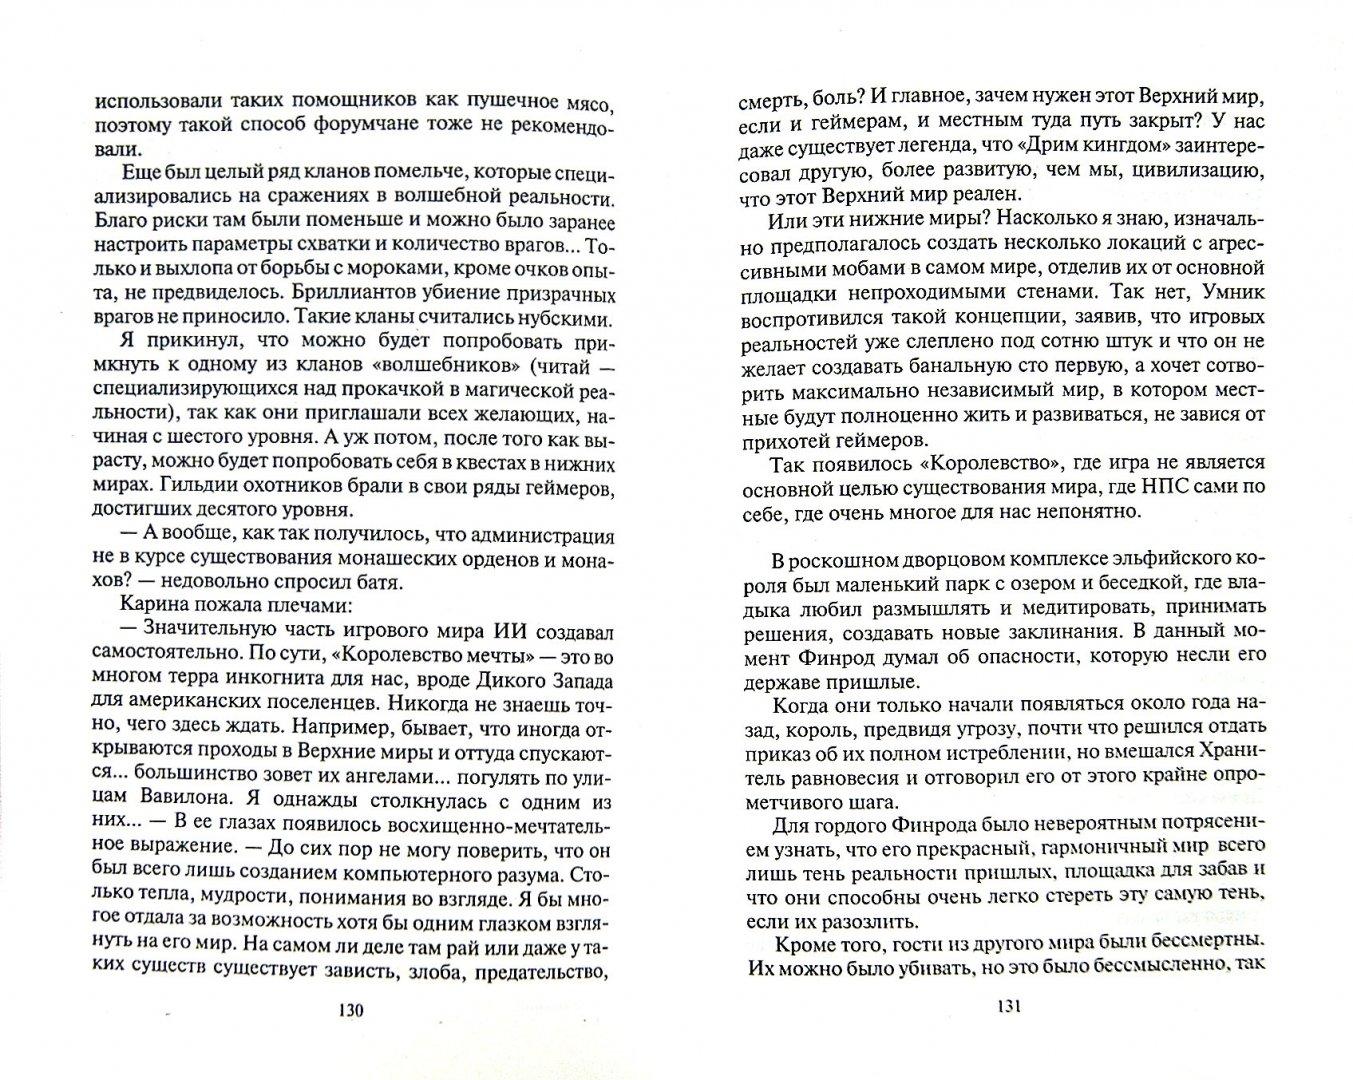 Иллюстрация 1 из 7 для Геймер. Реал vs вирт - Виталий Егоренков   Лабиринт - книги. Источник: Лабиринт